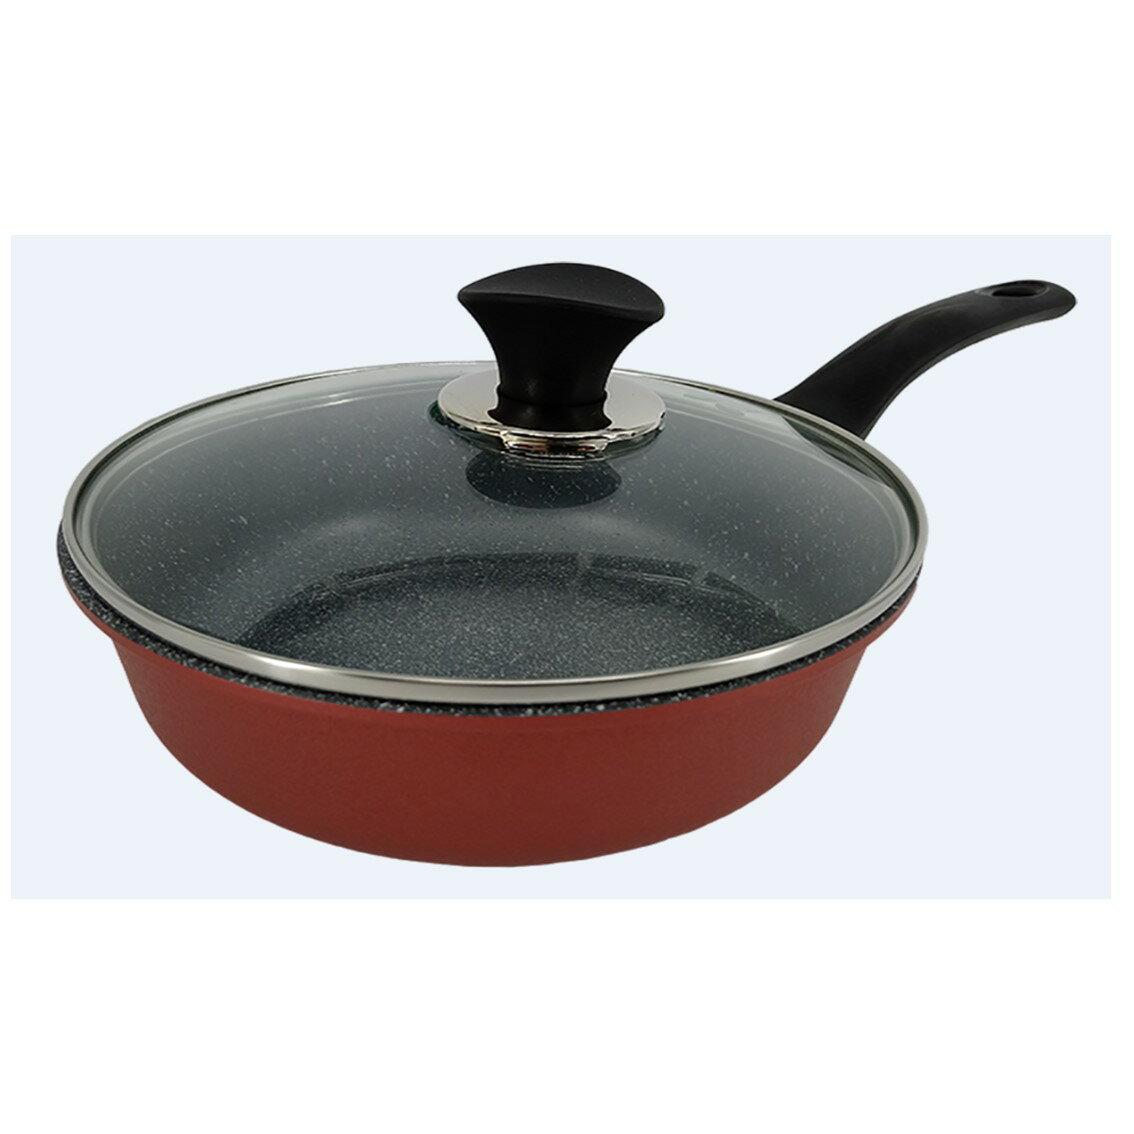 韓國Ecoramic鈦晶石頭抗菌不沾鍋 【 20cm萬用鍋用鍋蓋  (不含鍋子) 】